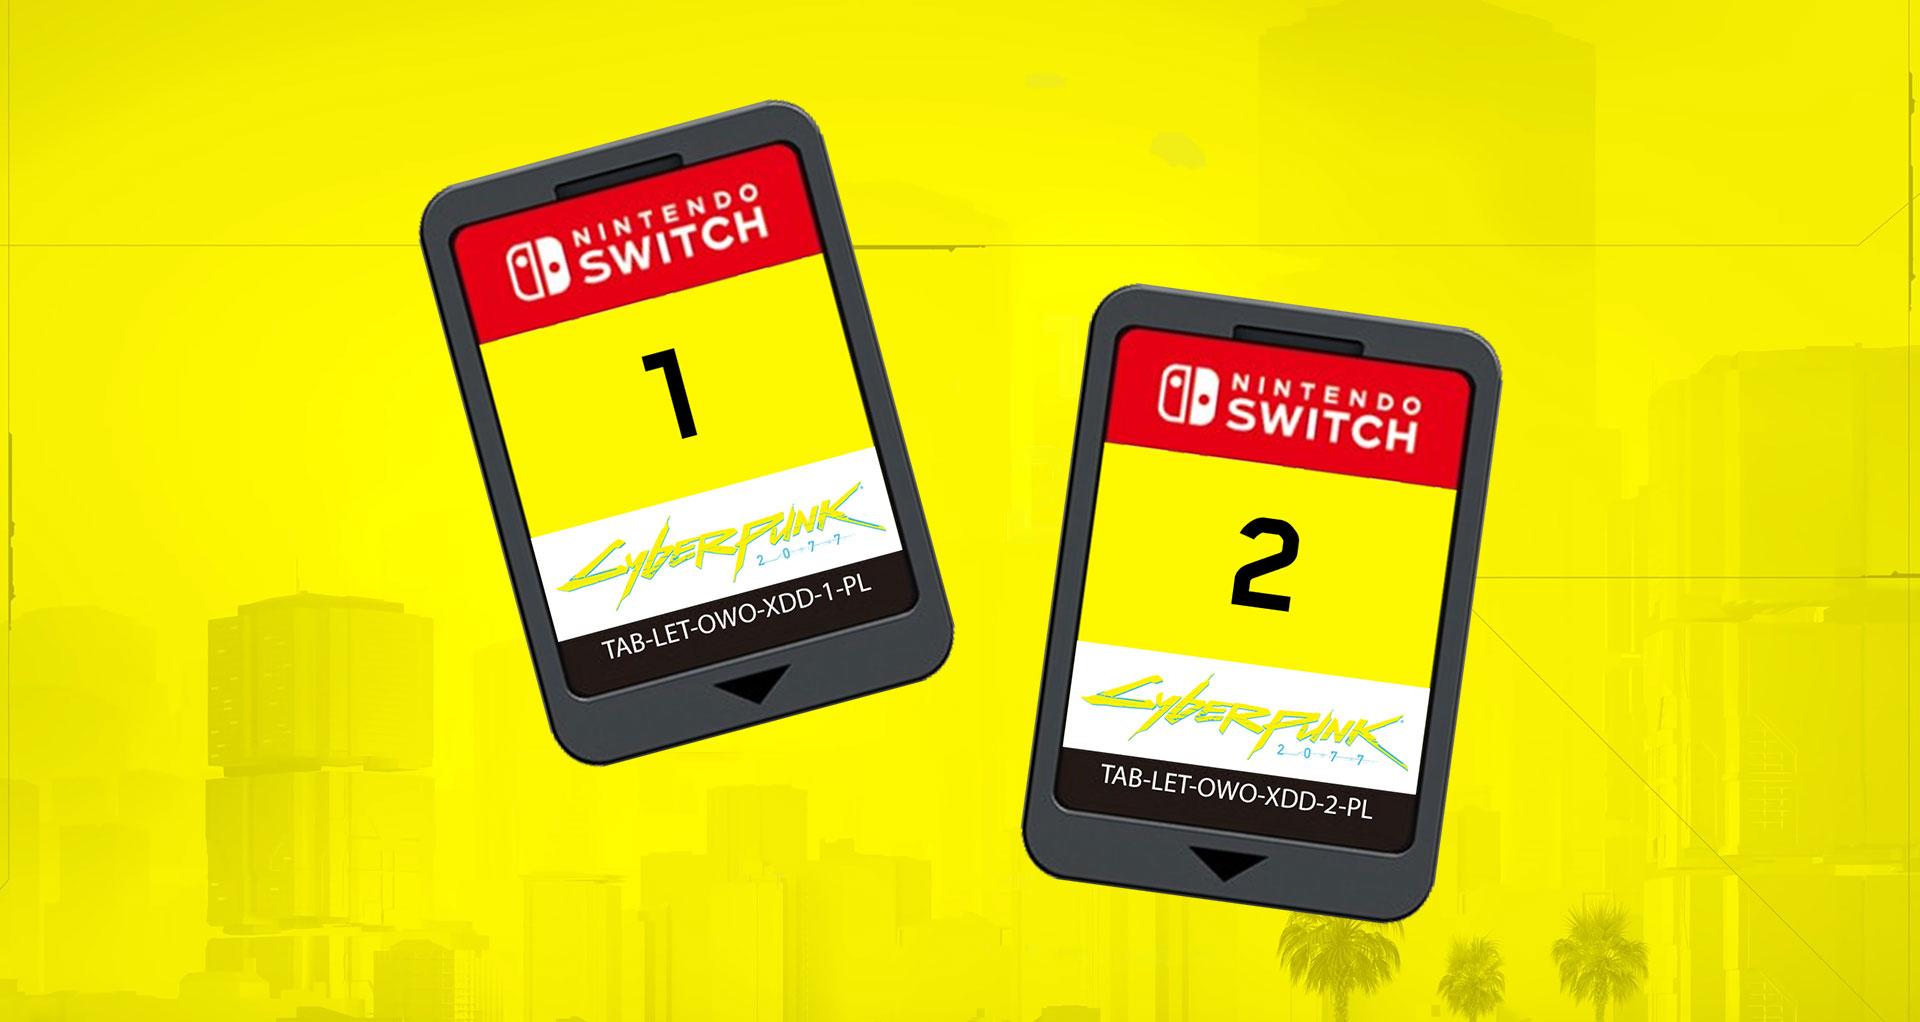 Tego nikt się nie spodziewał! Cyberpunk 2077 trafi na Nintendo Switch!